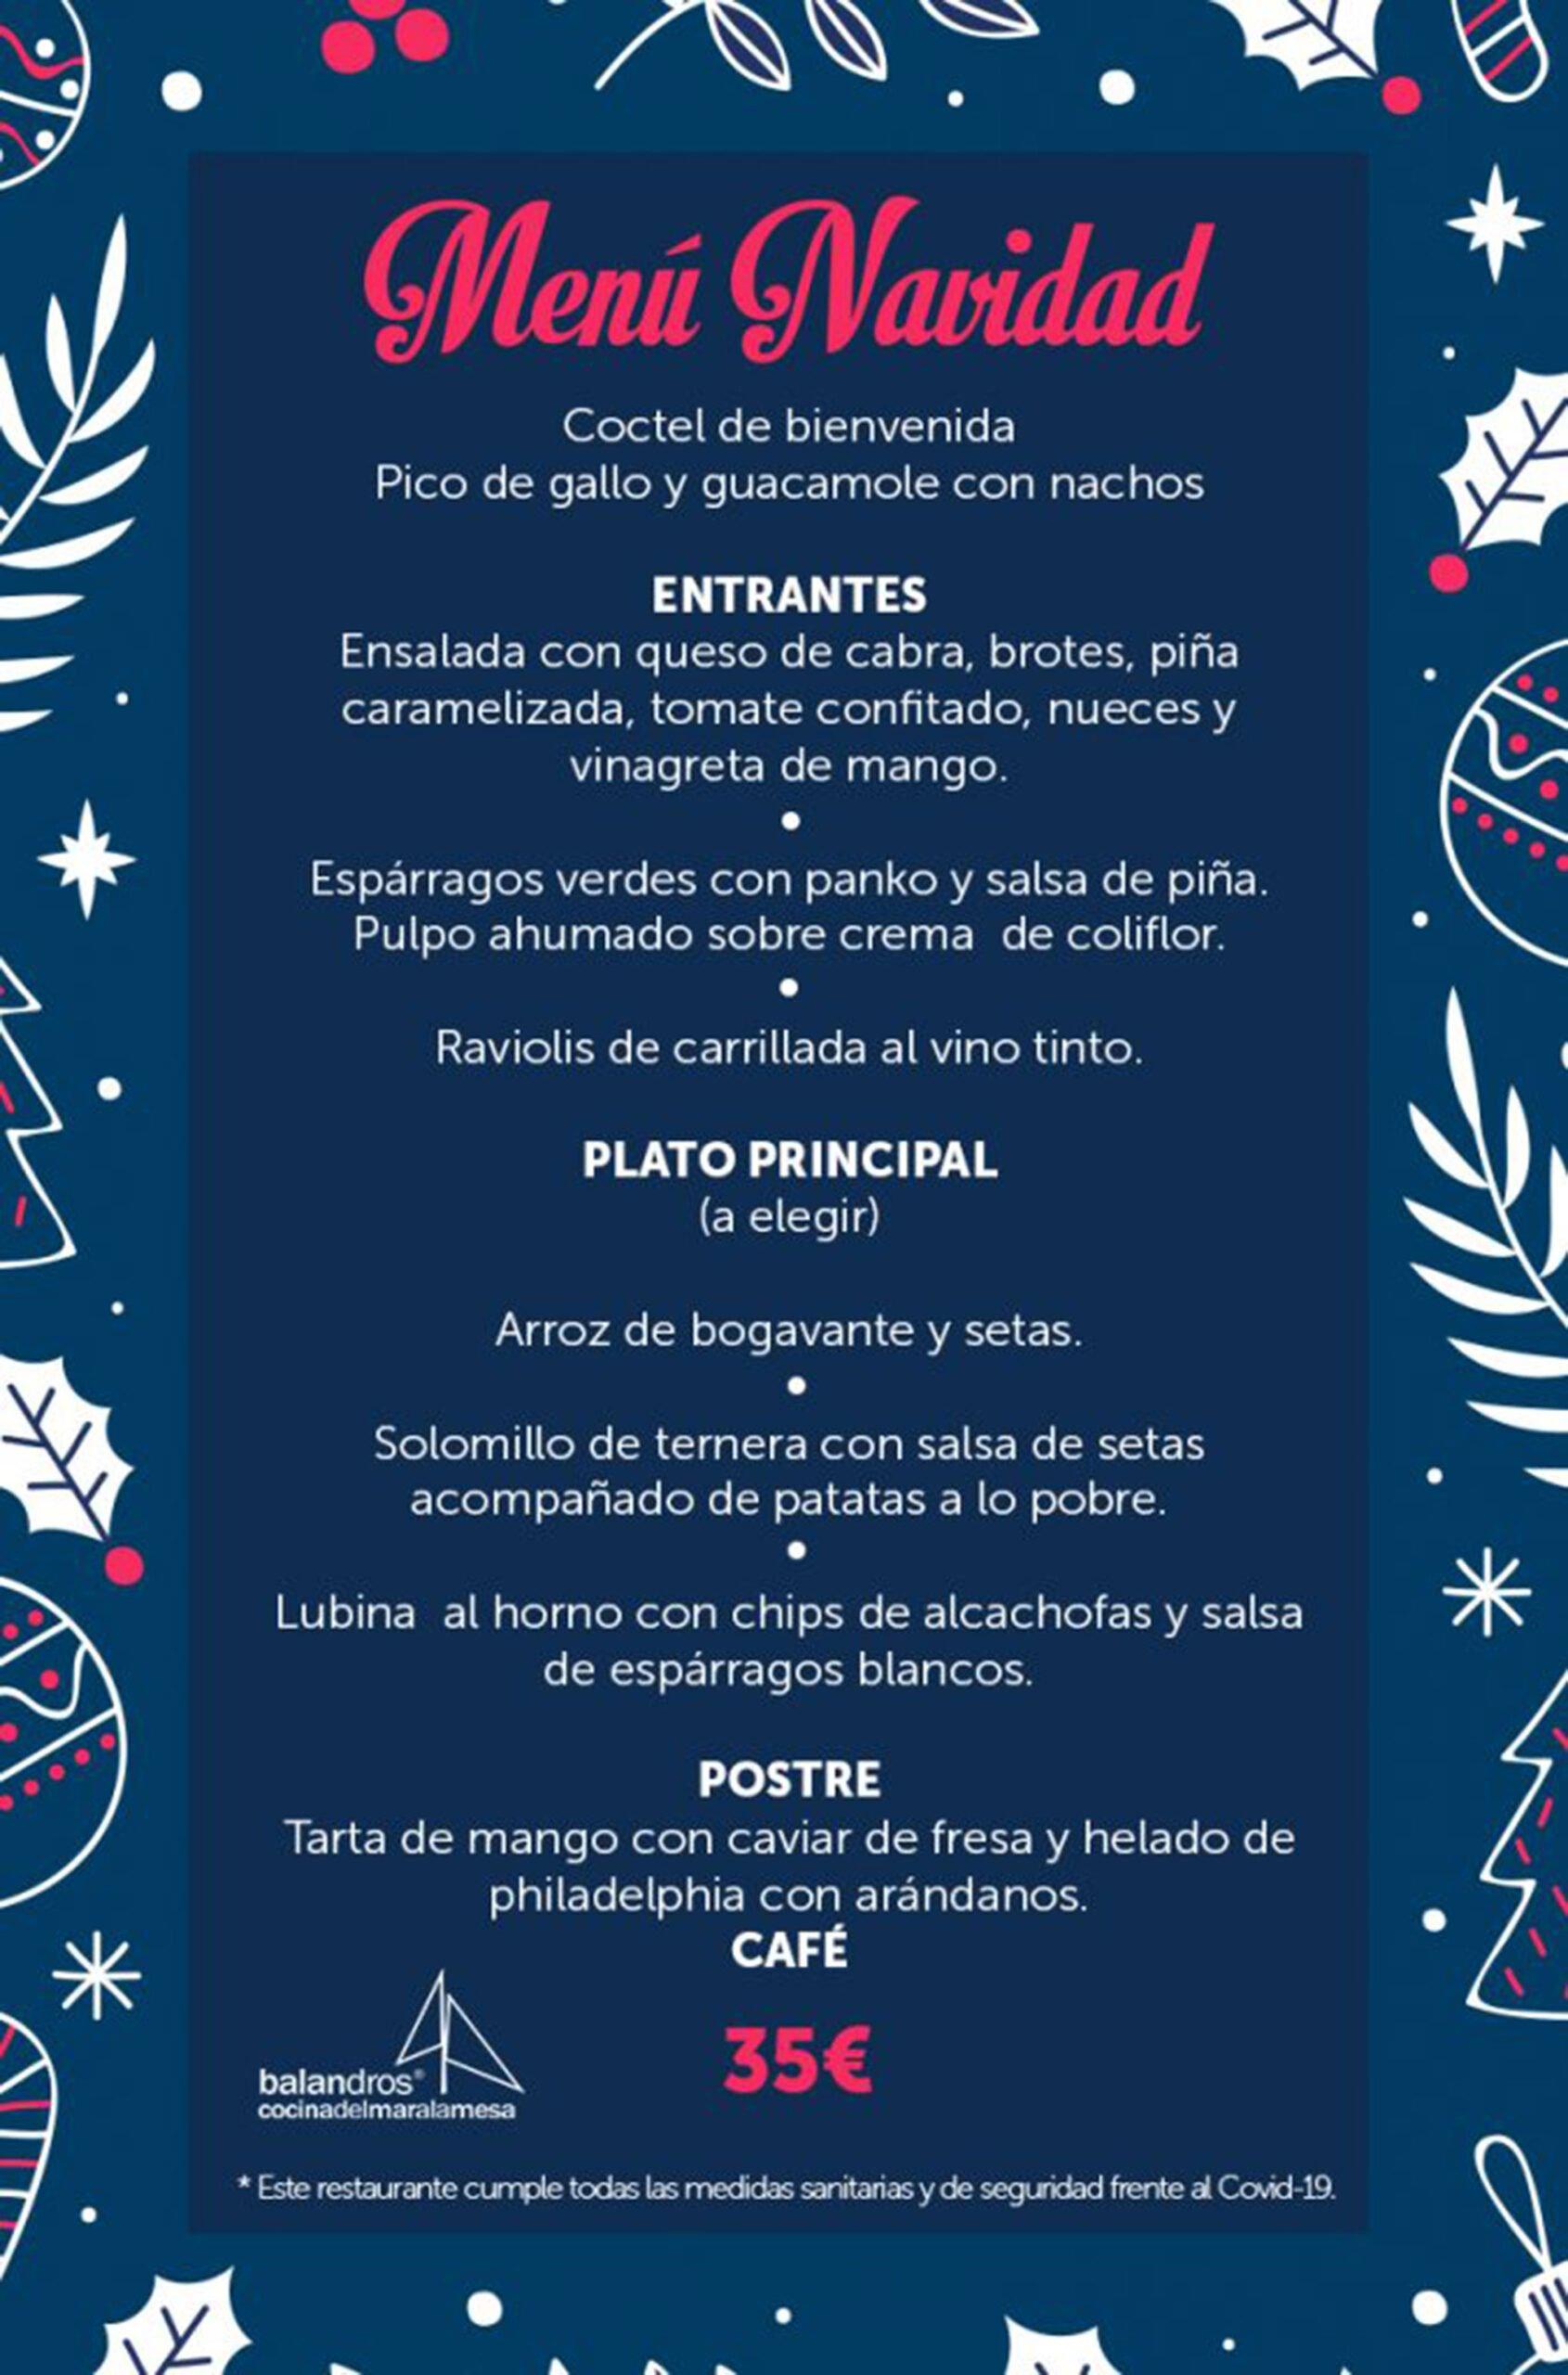 Menú de Navidad en Dénia – Restaurante Balandros